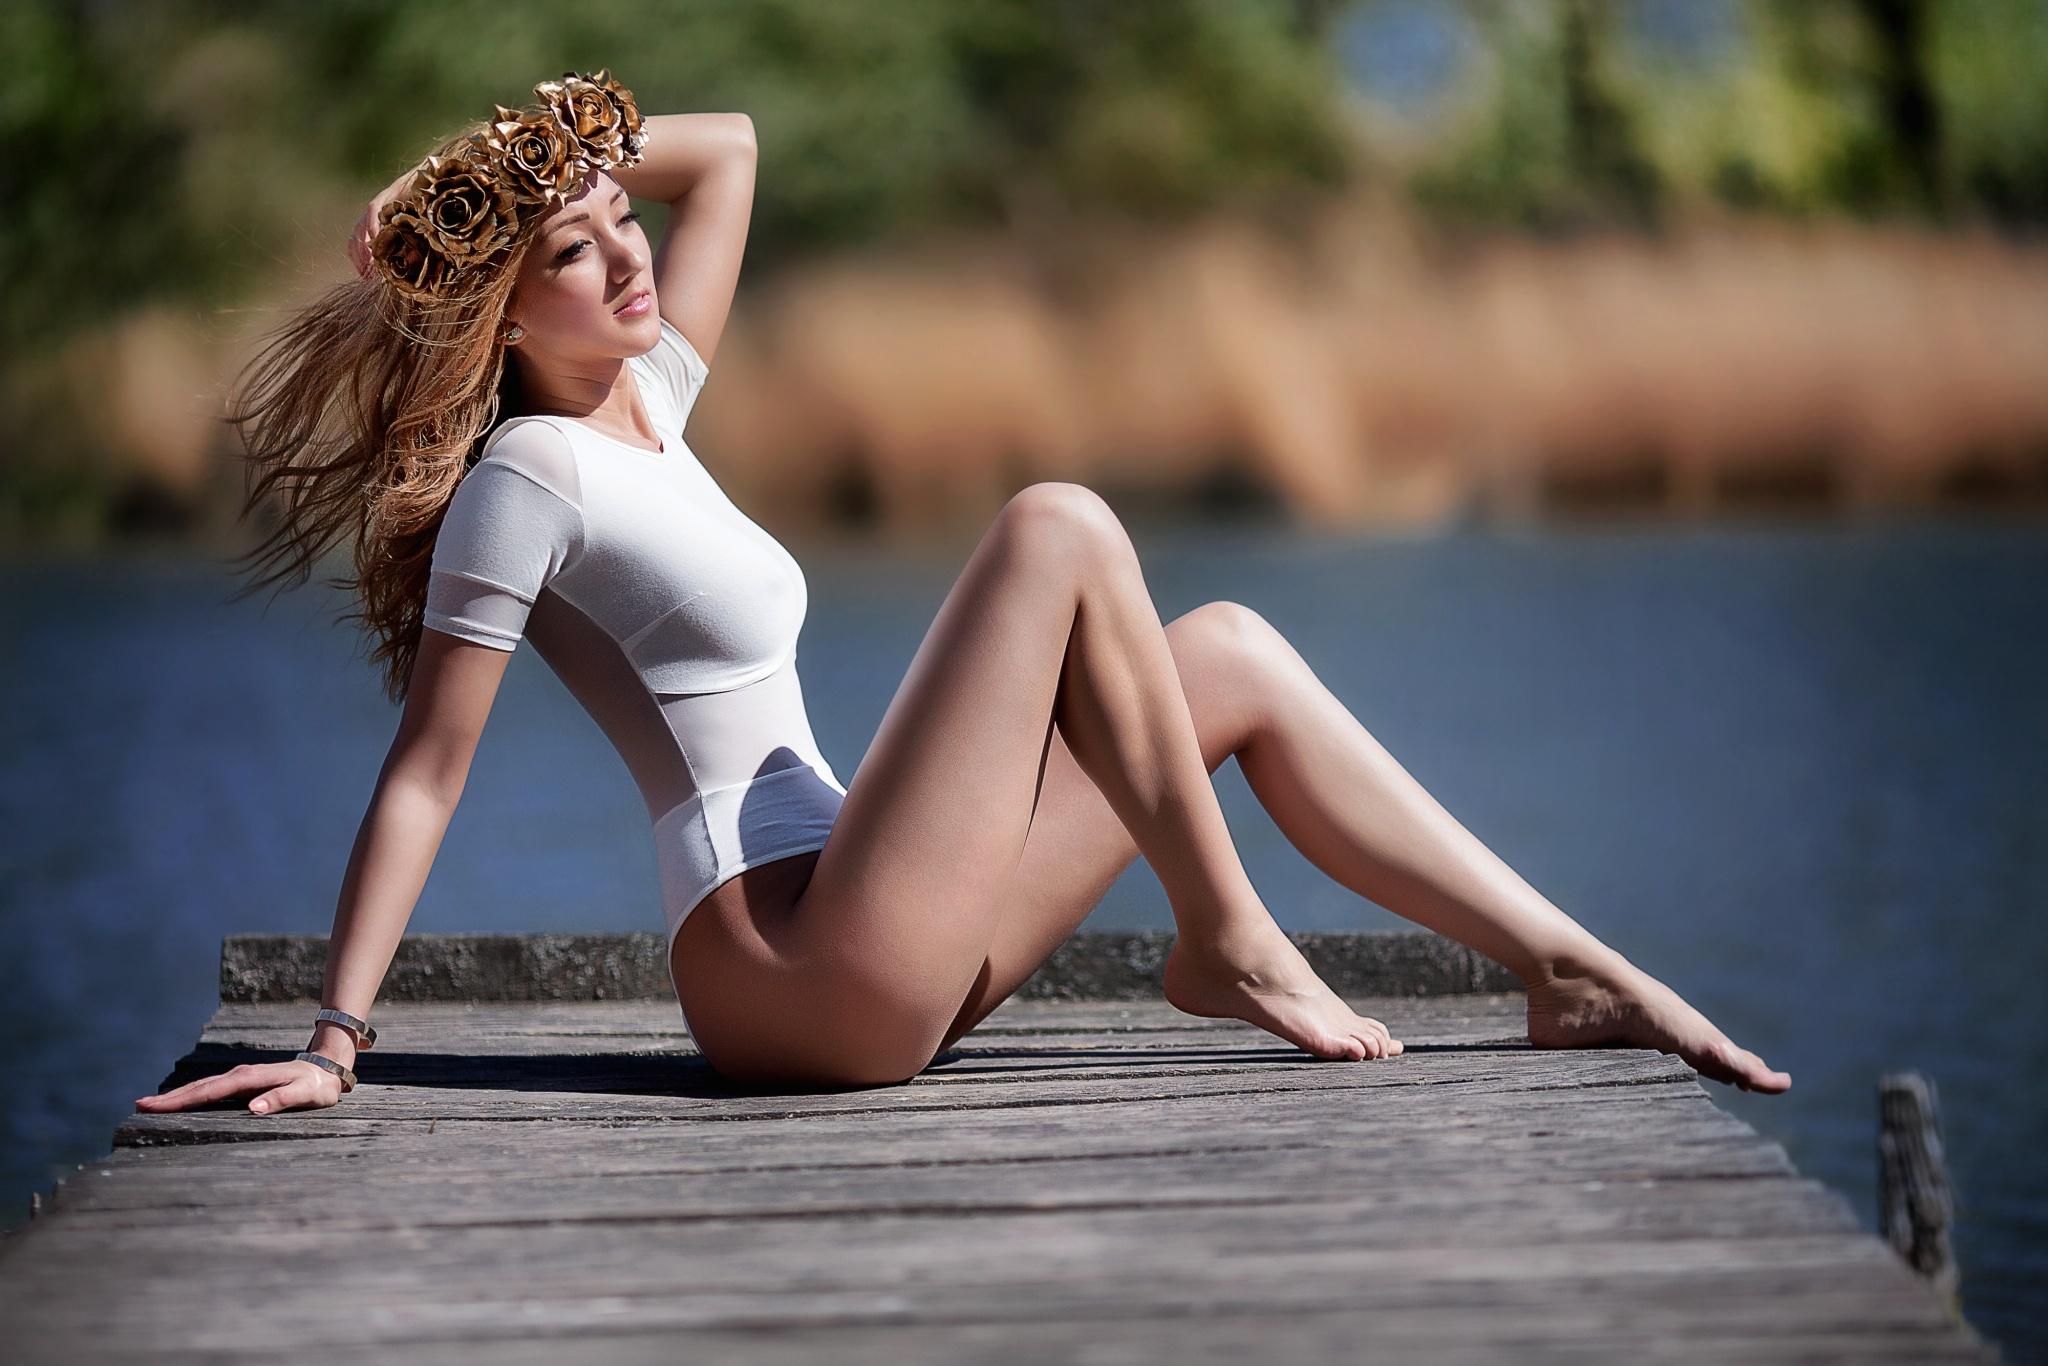 Wallpaper : face, model, portrait, sunset, long hair, legs